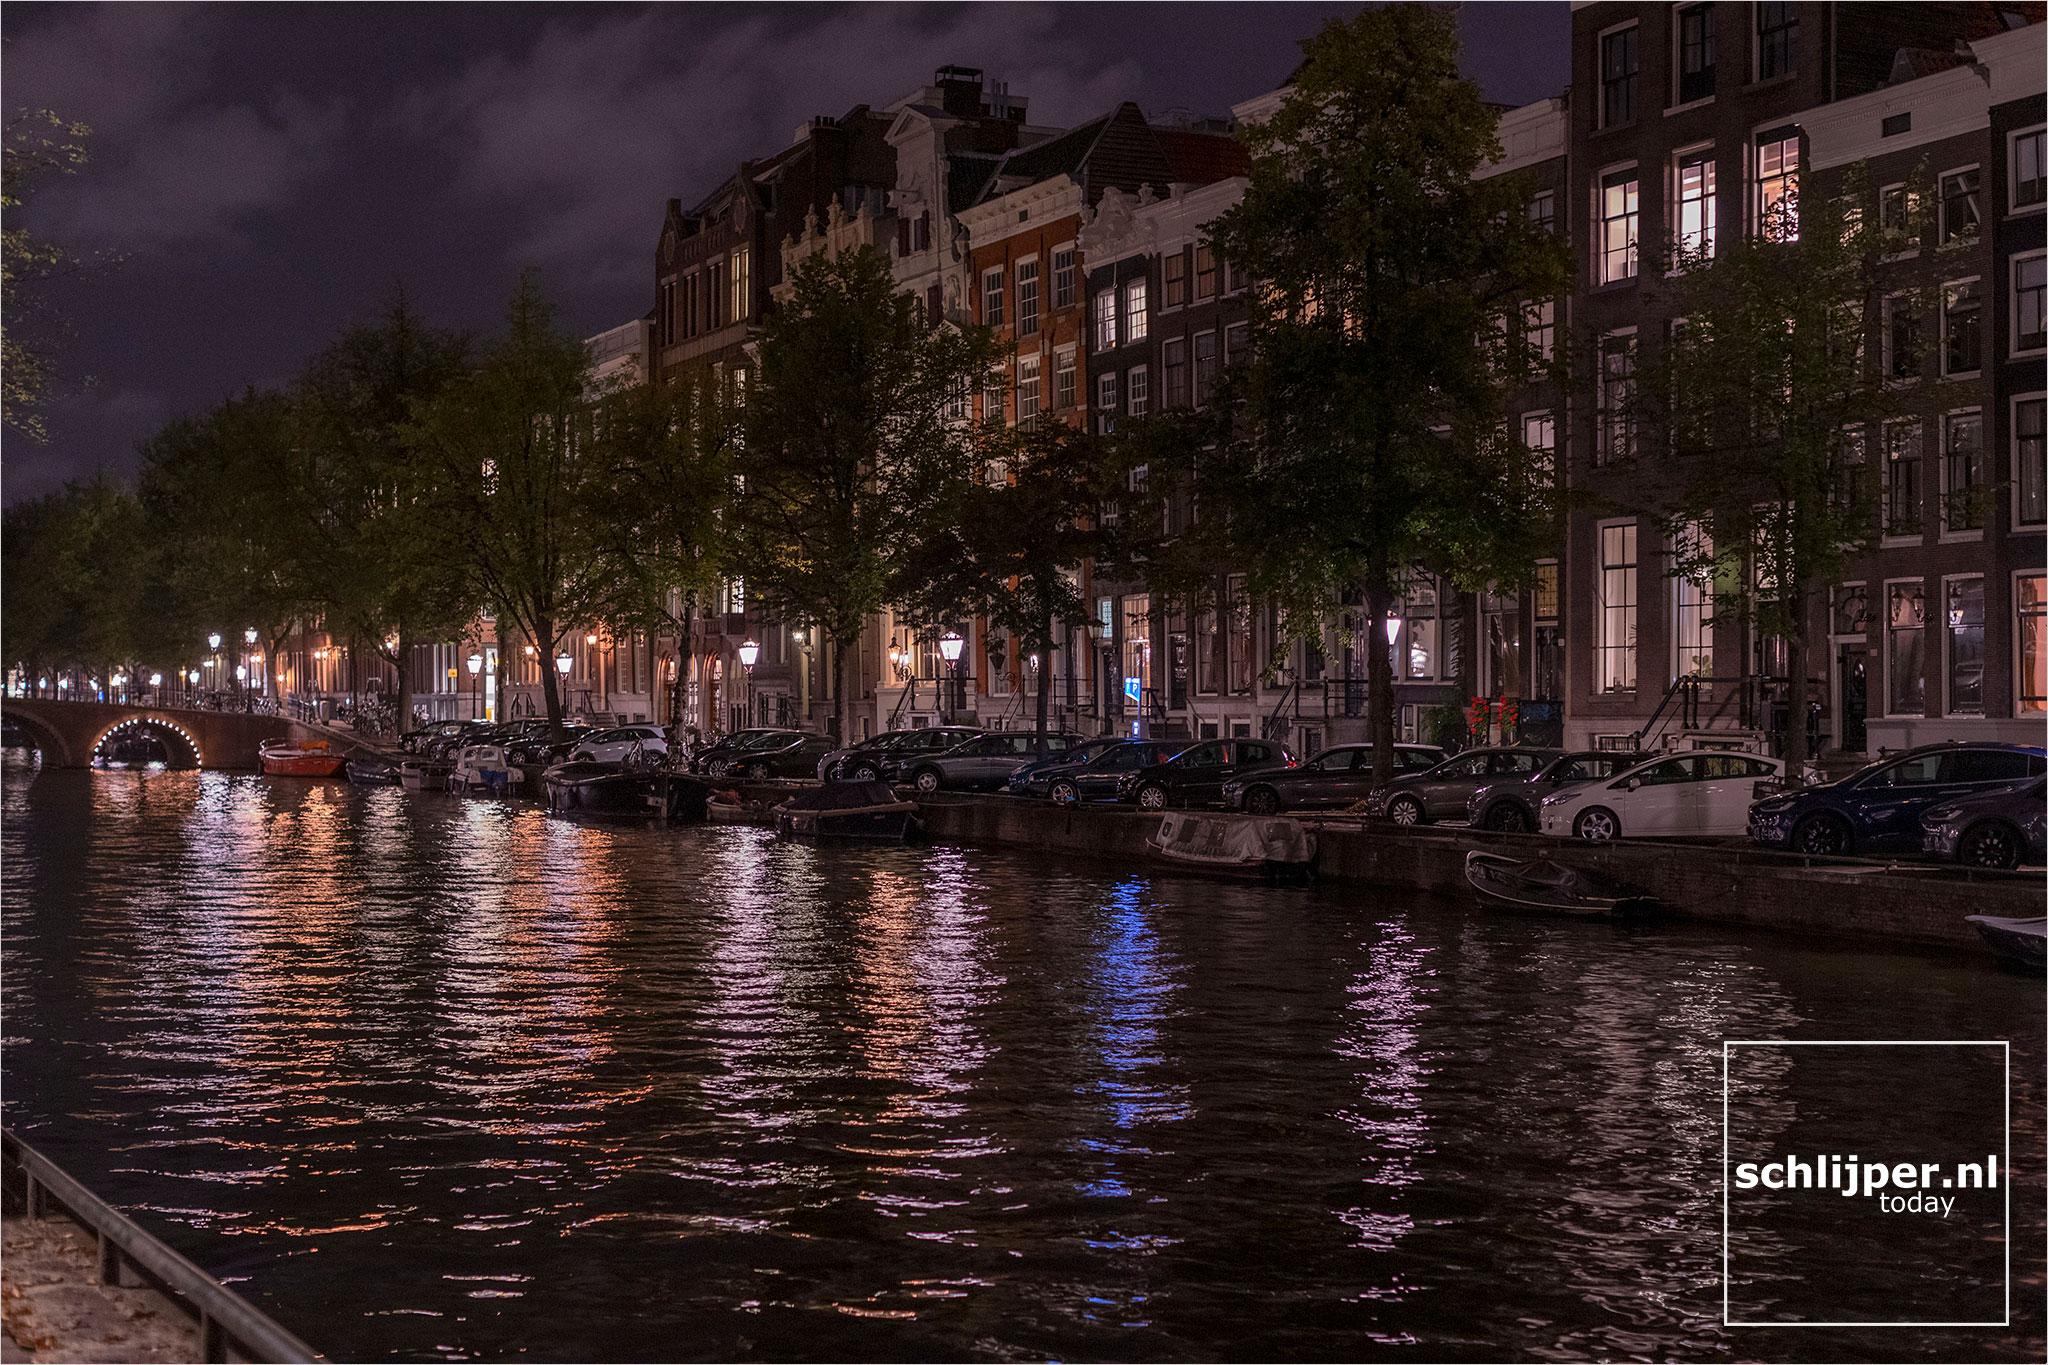 The Netherlands, Amsterdam, 11 september 2021